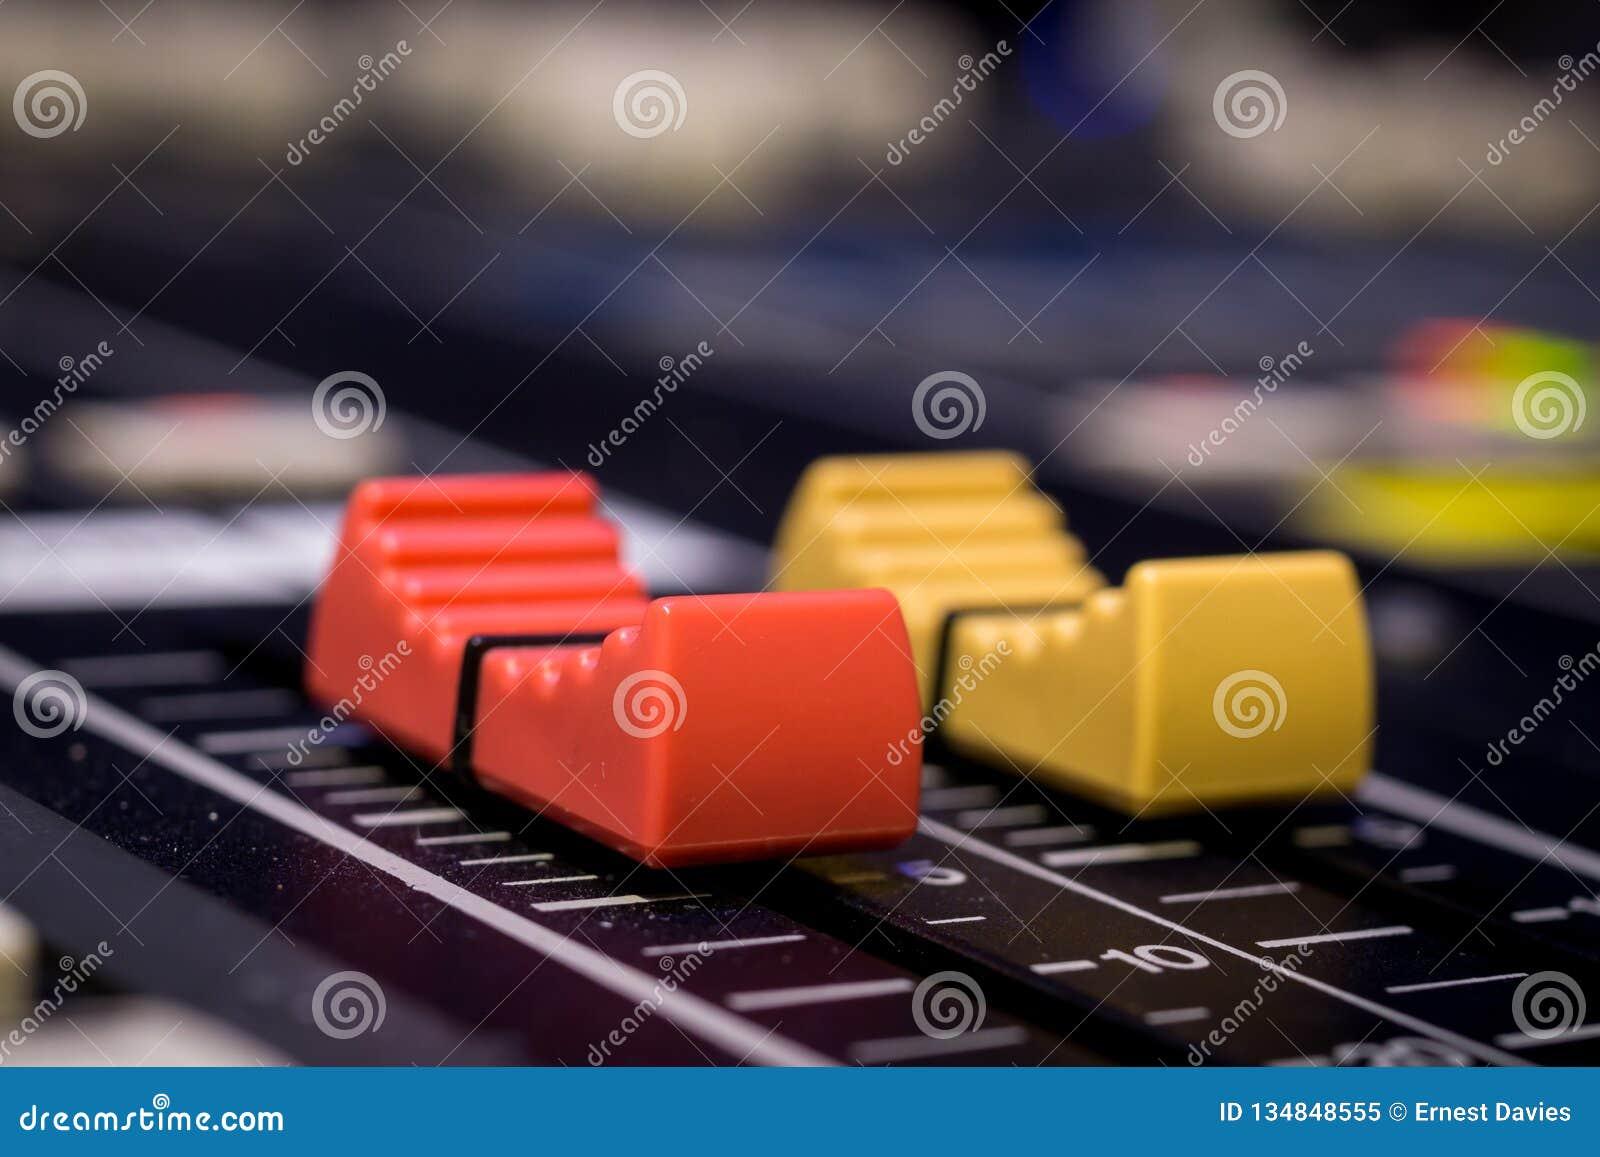 Faders vermelhos e amarelos do console de mistura audio profissional